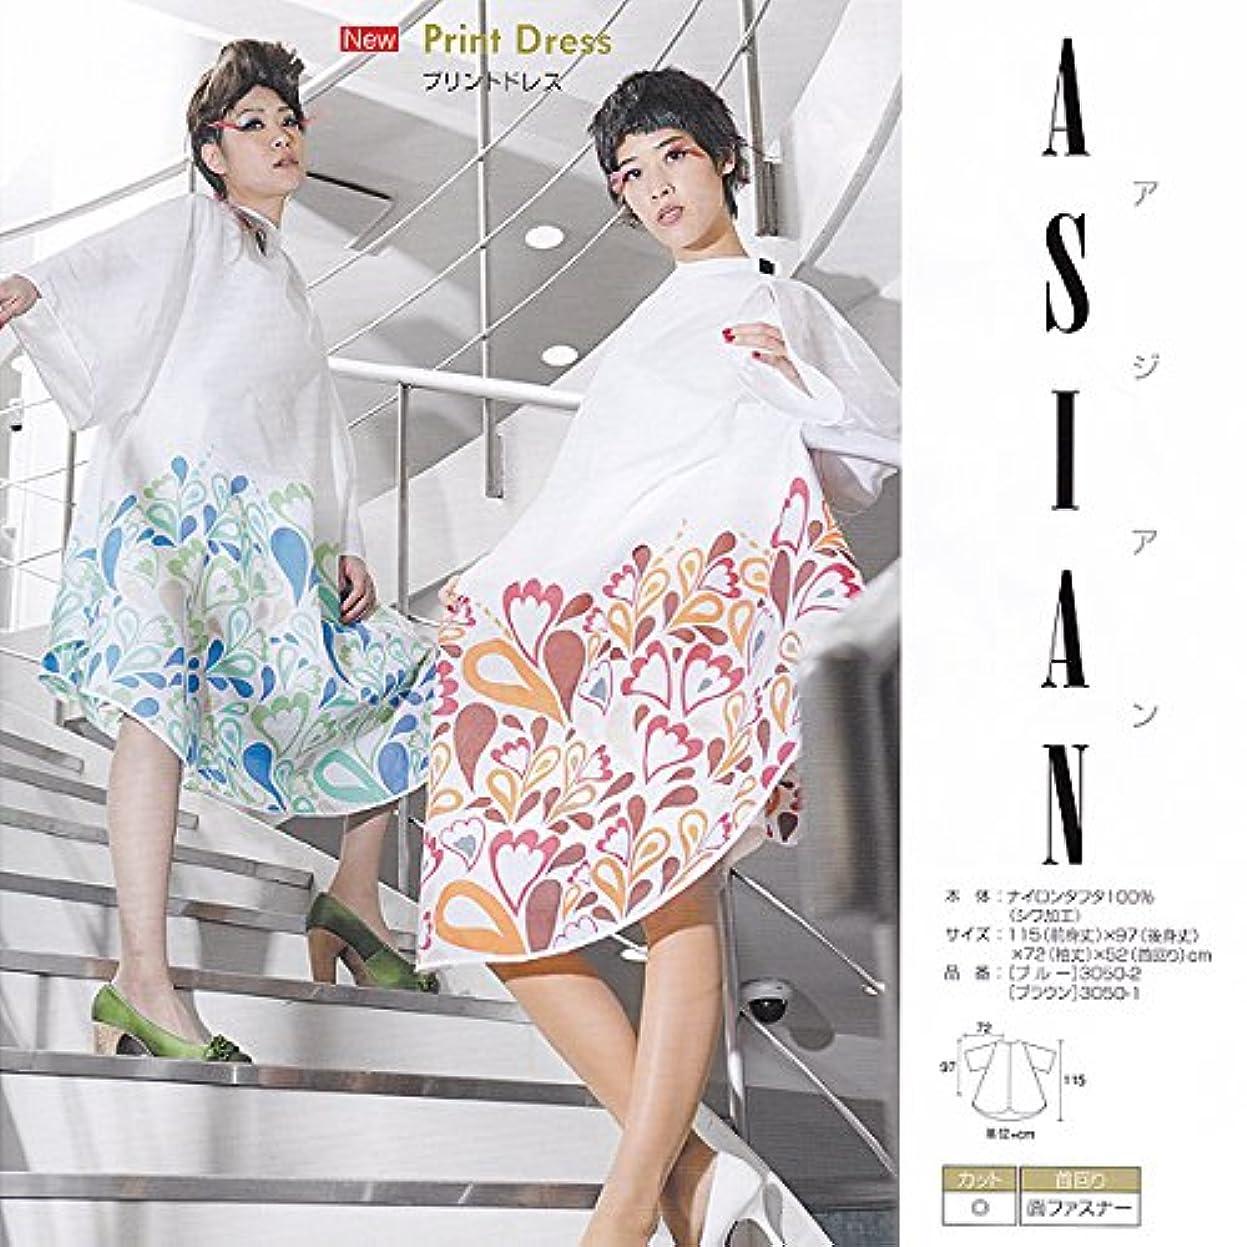 眠いです組立噂WAKO ASIAN アジアンプリントドレス №3050 3050-2(アジアンブルー) 115(前身丈)×97(後身丈)×72(袖丈)×52(首回リ)